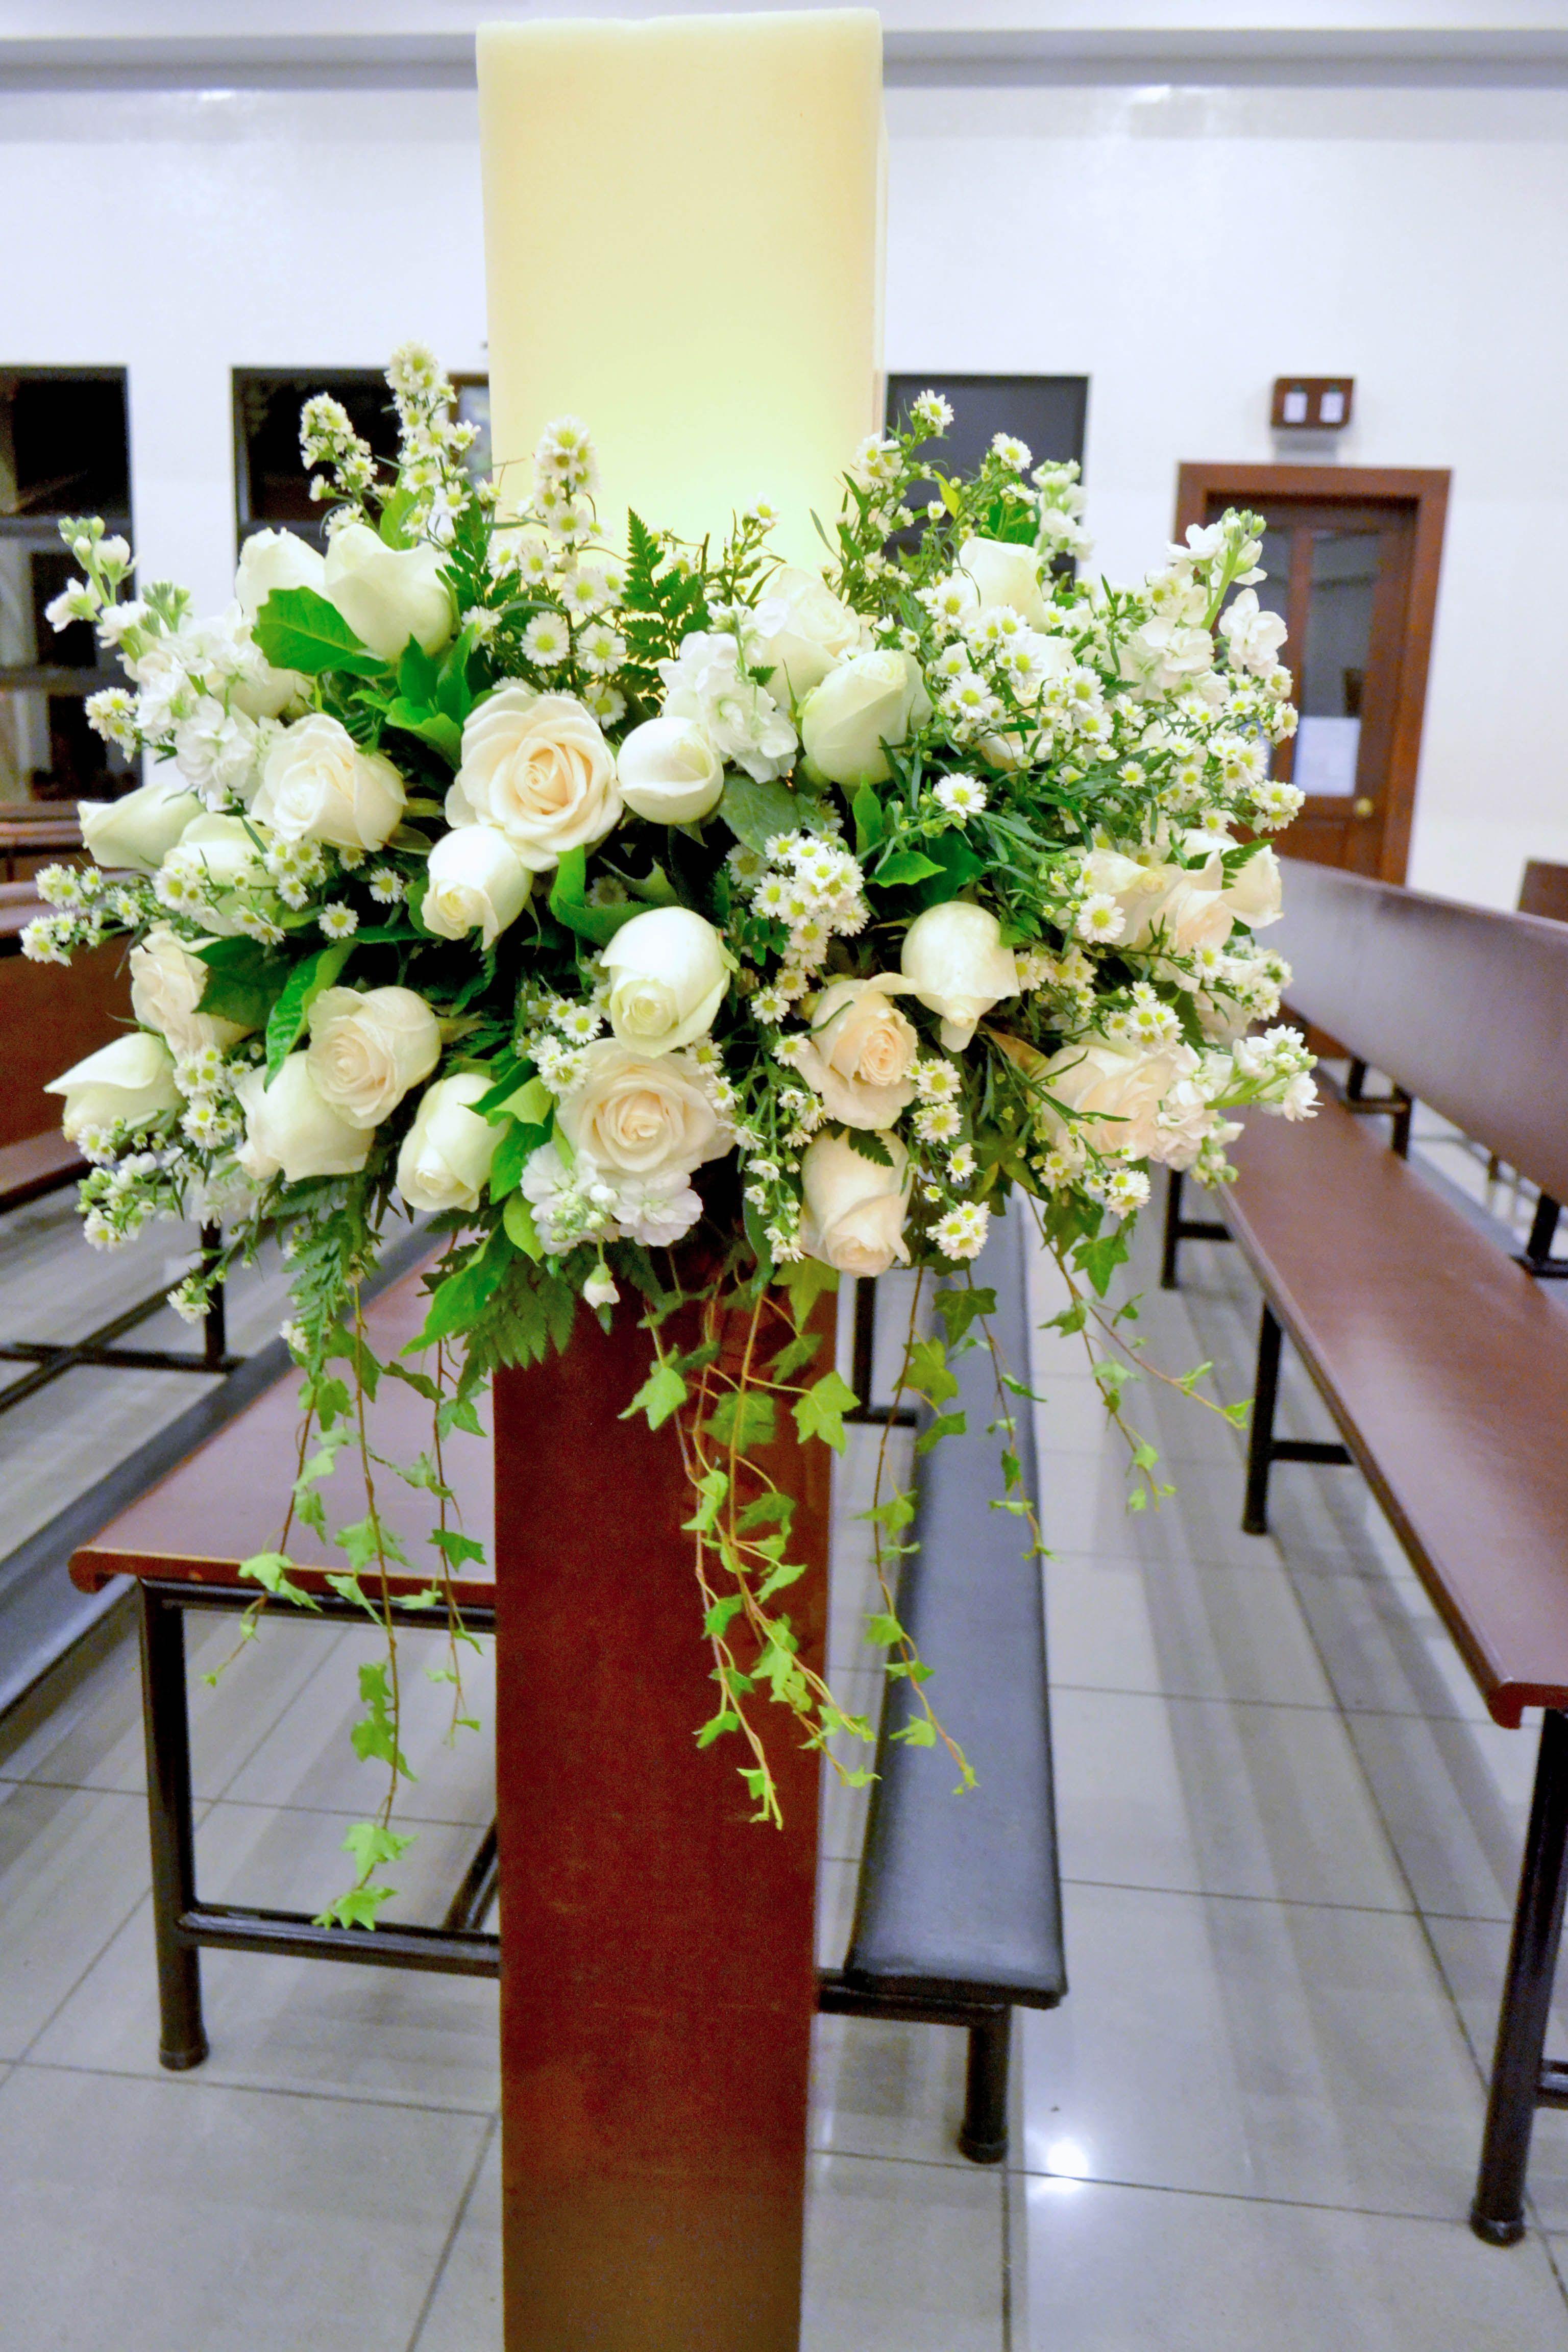 Decoraci n con rosas de ecuador montecasino blanco for Decoracion de velas